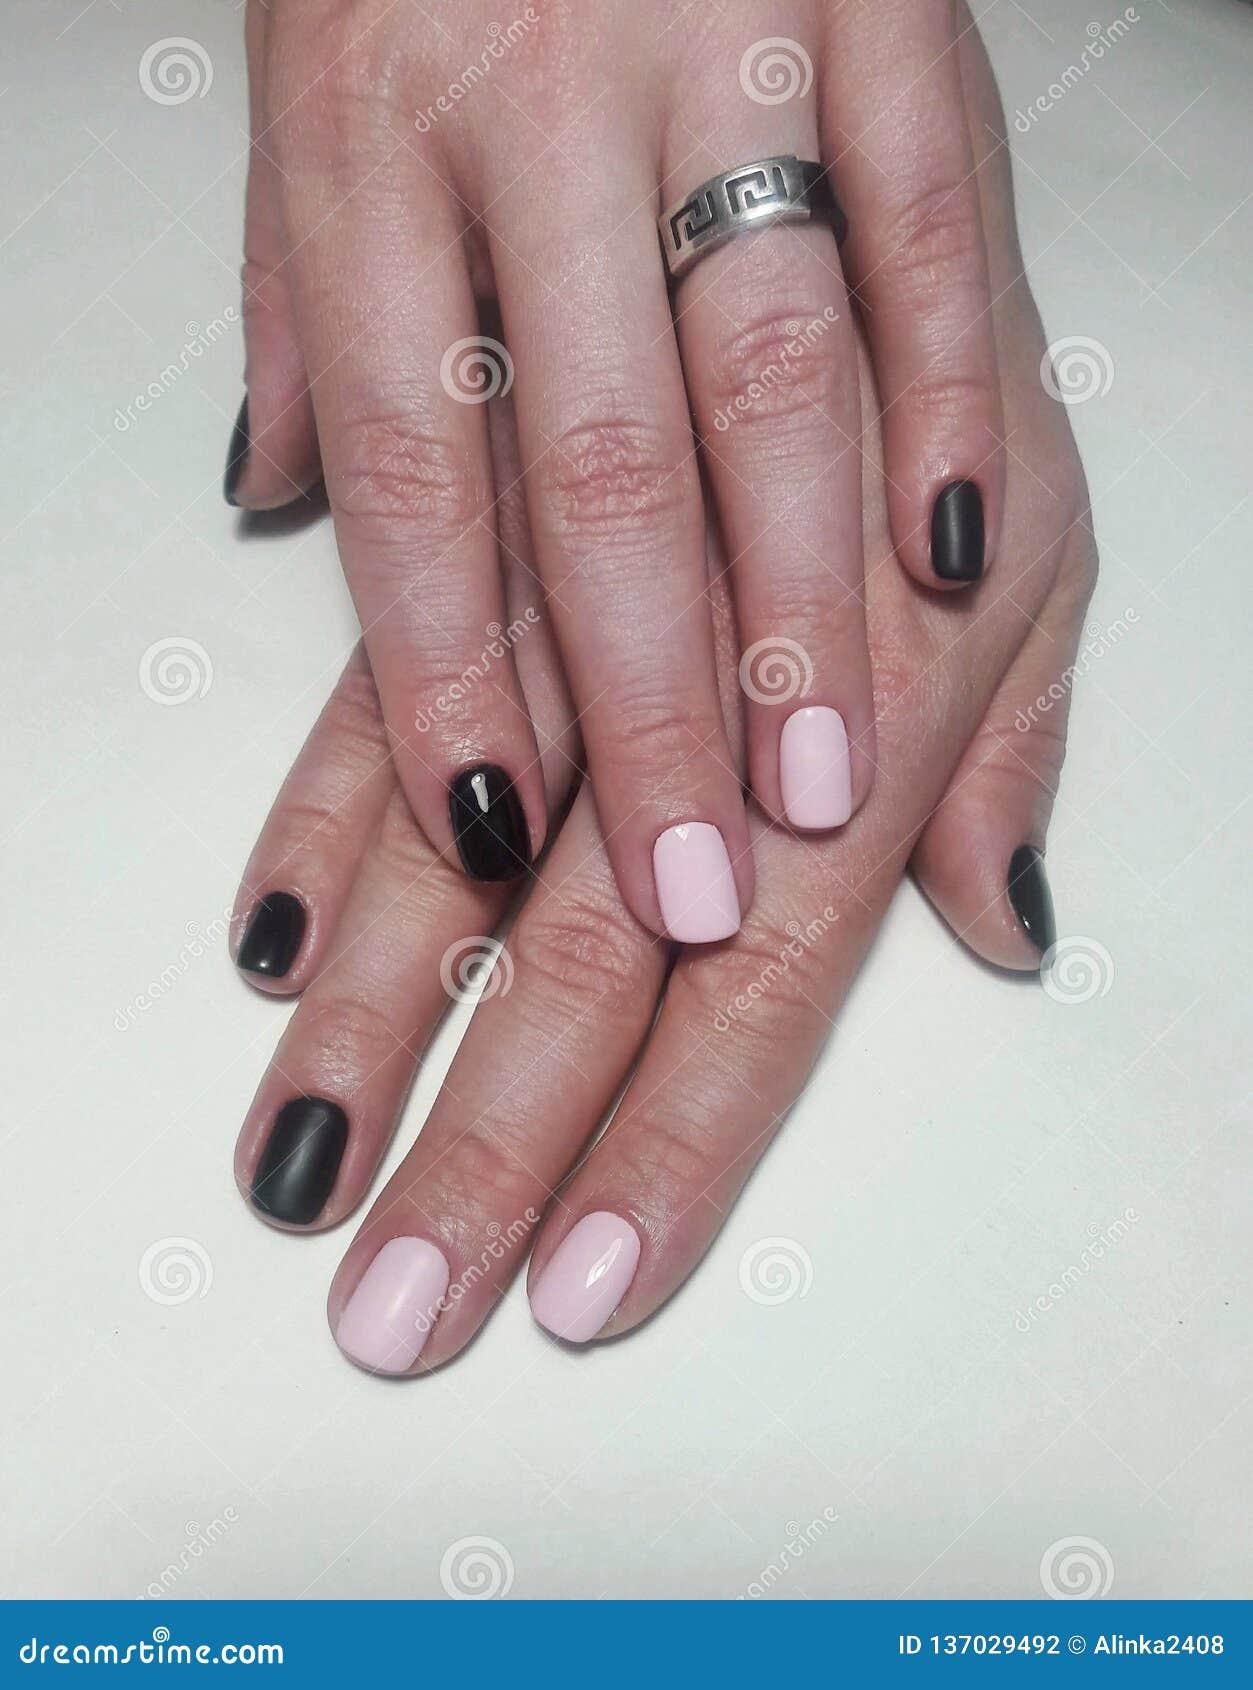 Manicure Black Pink Nail,glossy And Matt Finish Combined